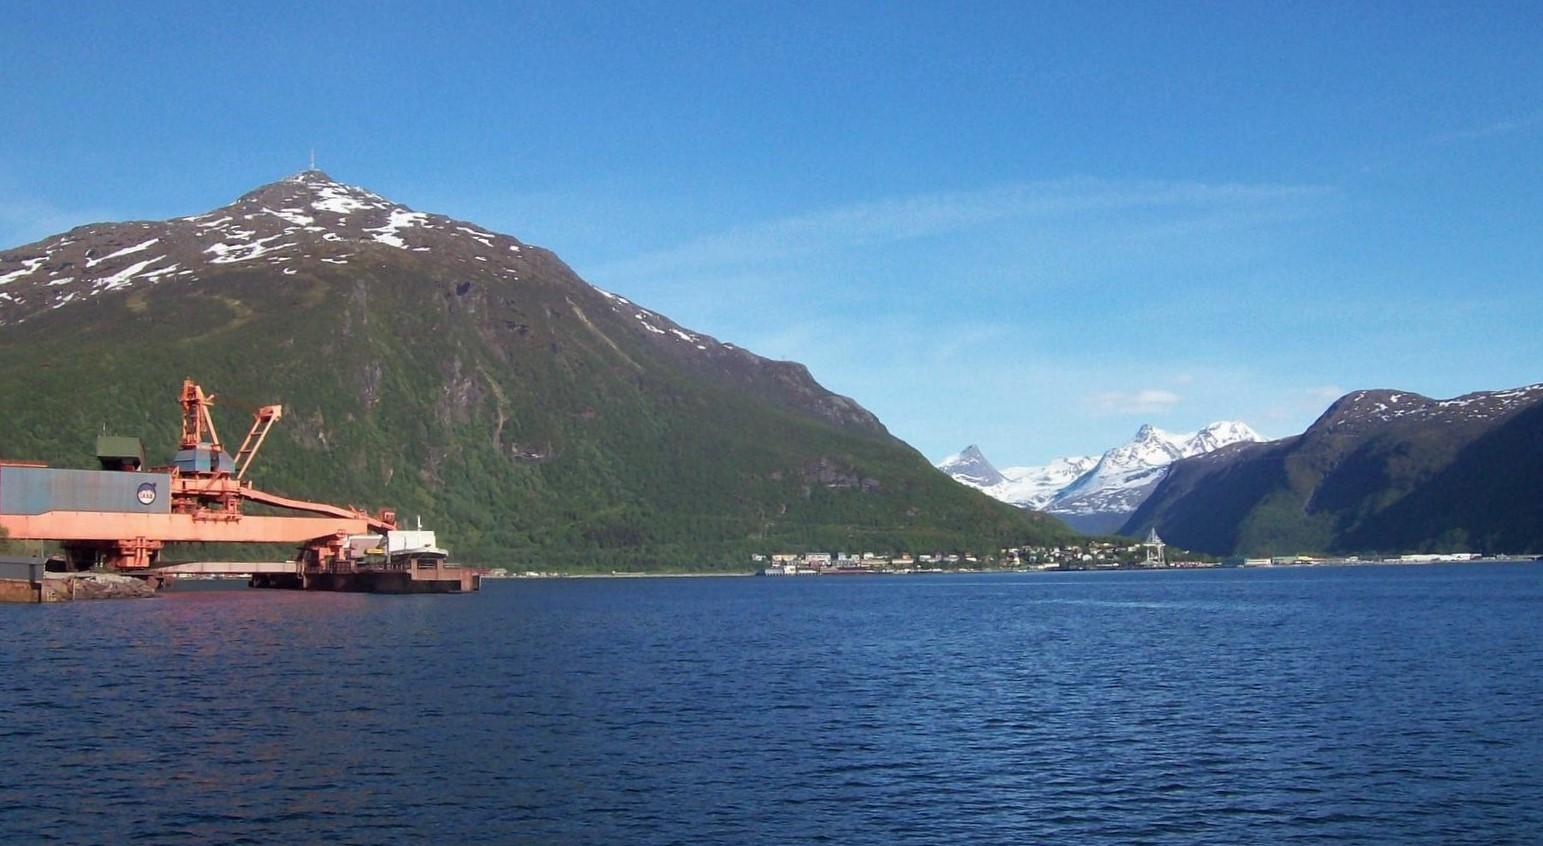 Erzhafen von Narvik - Norwegen